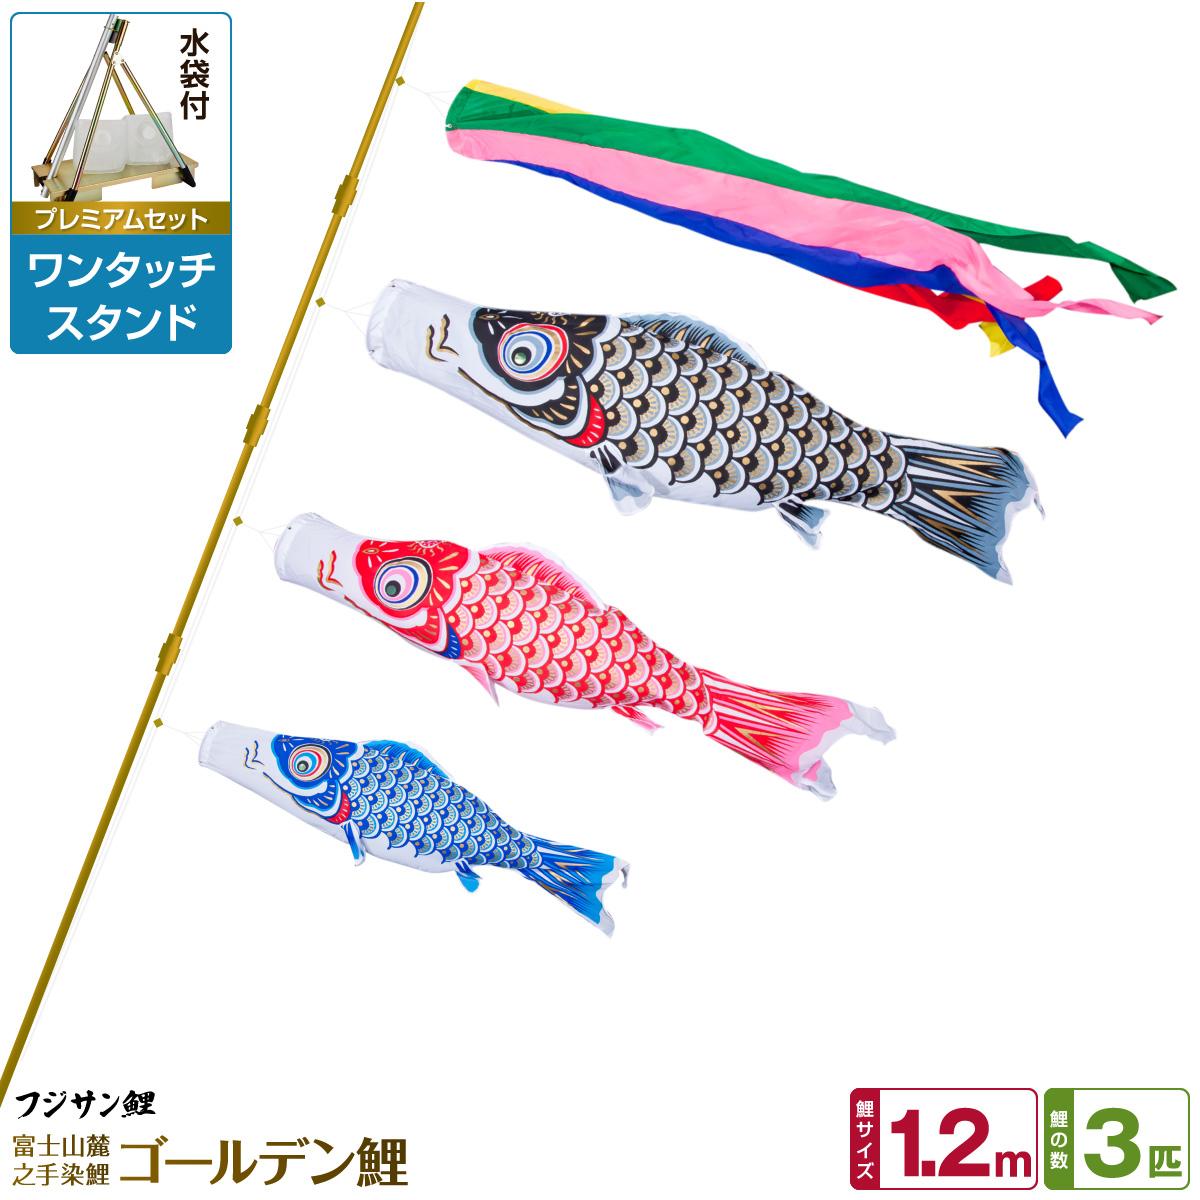 ベランダ用 こいのぼり 鯉のぼり フジサン鯉 ゴールデン鯉 1.2m 6点(吹流し+鯉3匹+矢車+ロープ)/プレミアムセット(ワンタッチスタンド)